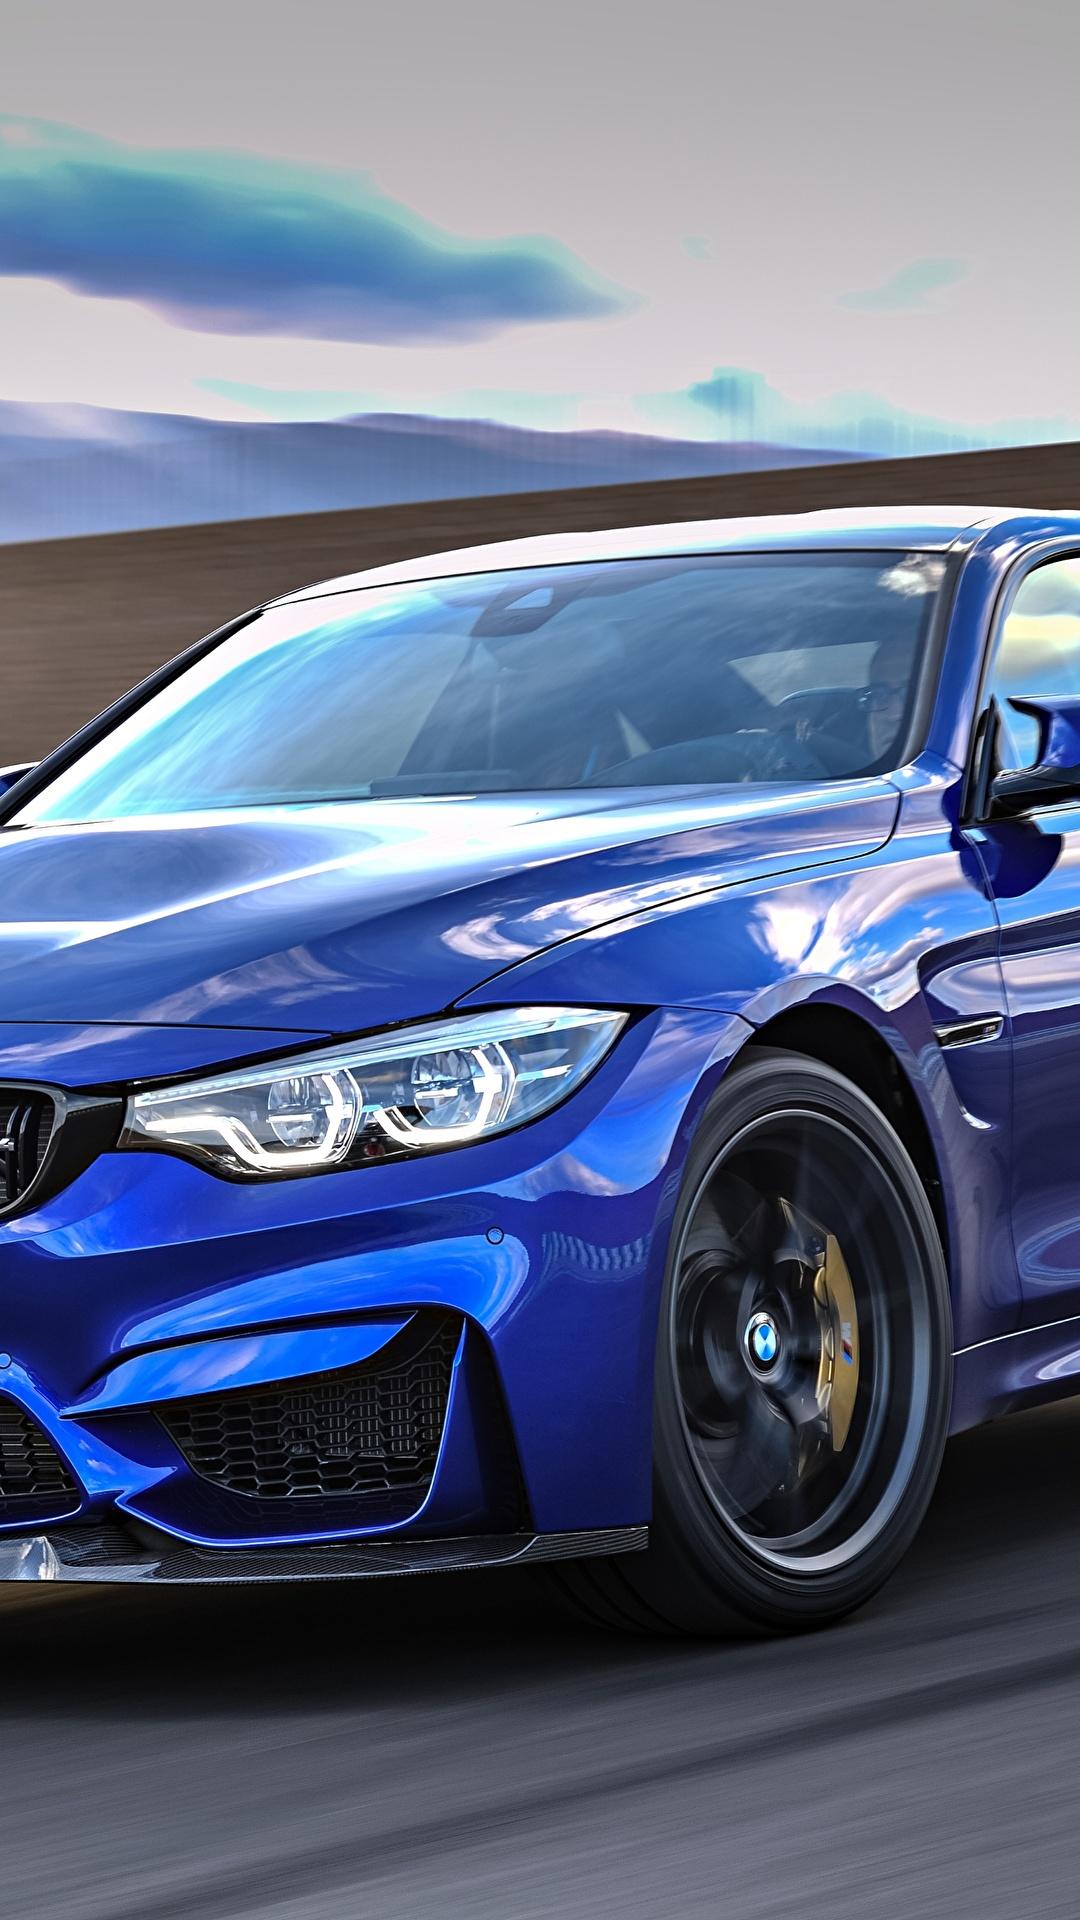 Фотографии BMW 2017 M4 CS Worldwide синяя Движение авто Металлик 1080x1920 БМВ синих синие Синий едет едущий едущая скорость машина машины автомобиль Автомобили